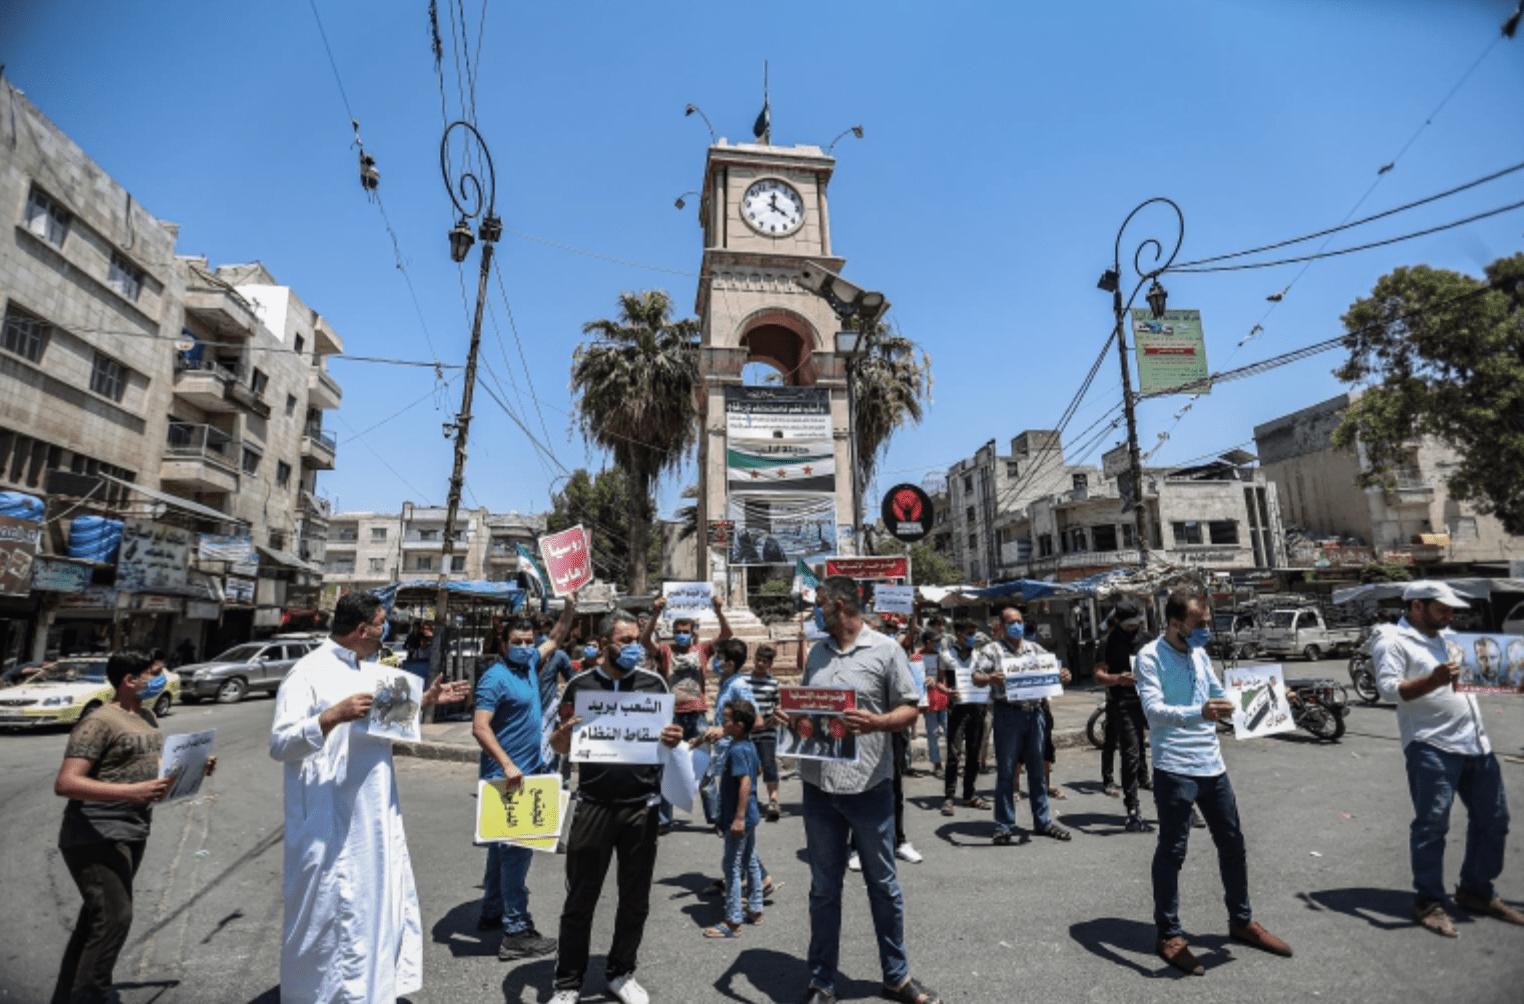 مجلس الأمن ينجح بتمرير قرار إدخال المساعدات إلى شمال غربي سوريا